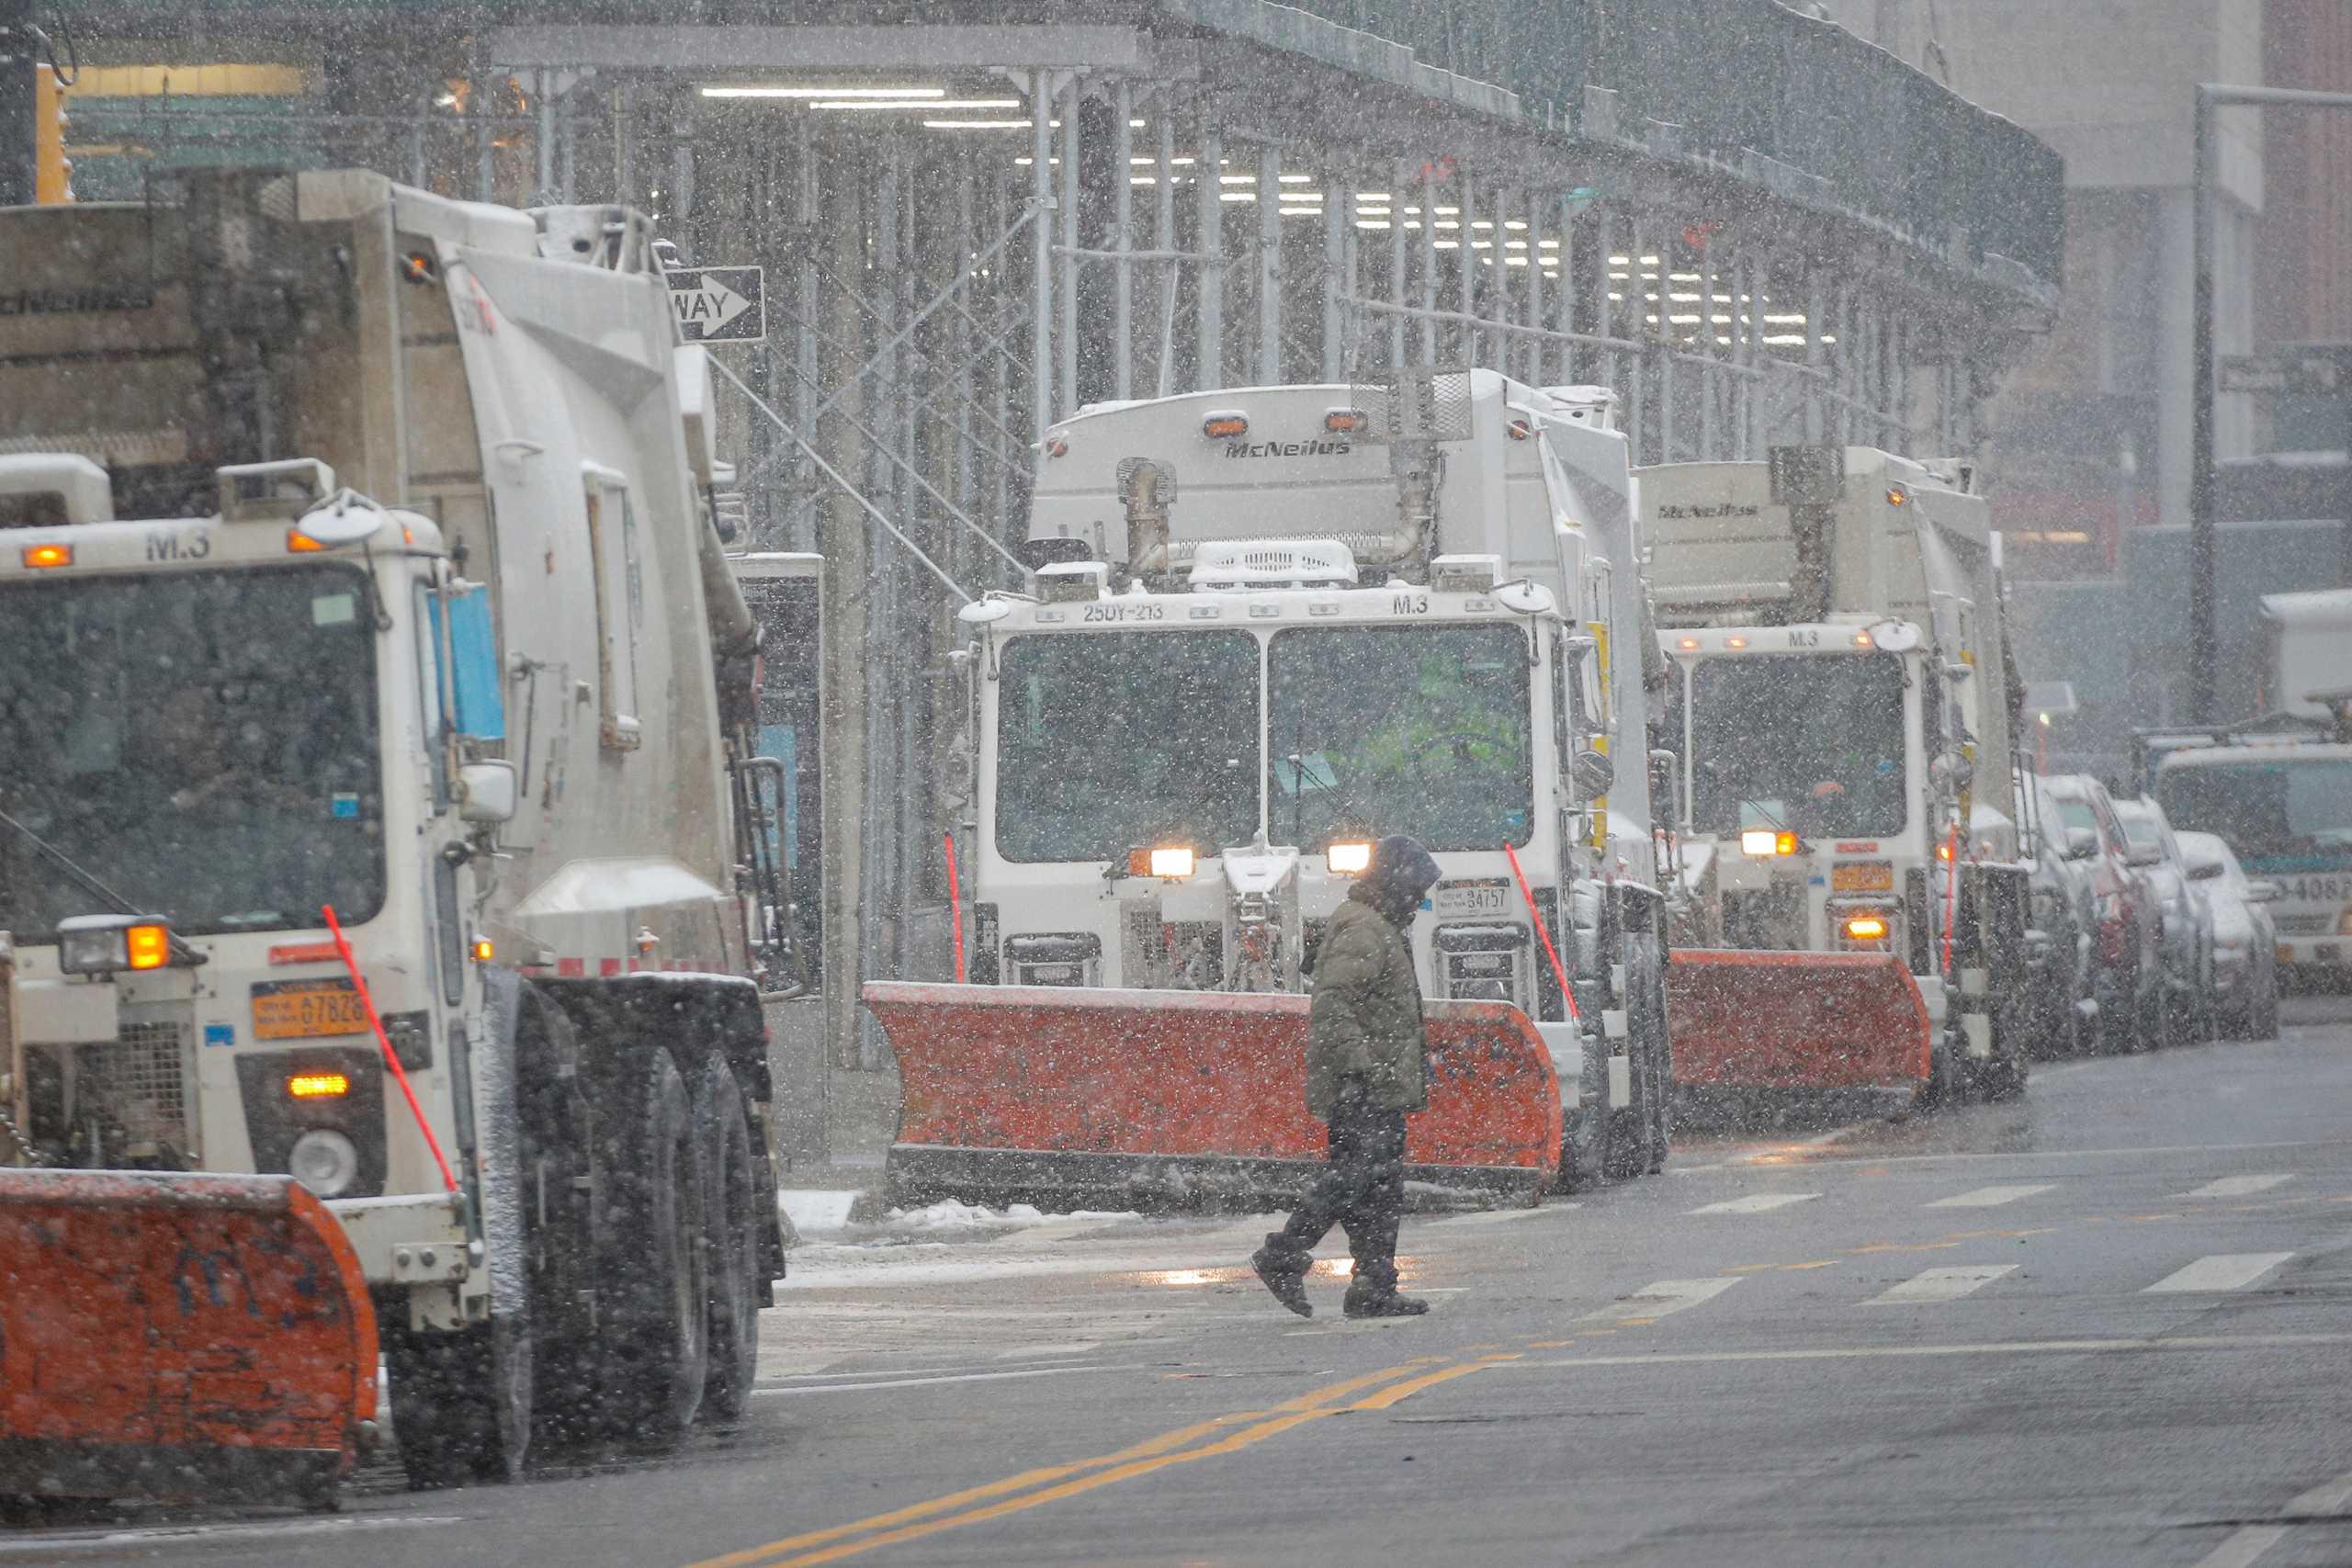 Παραλύουν από τον χιονιά οι ΗΠΑ: Τους 34 έφθασαν οι νεκροί – 500.000 νοικοκυριά ακόμη χωρίς ρεύμα (pics, vids)